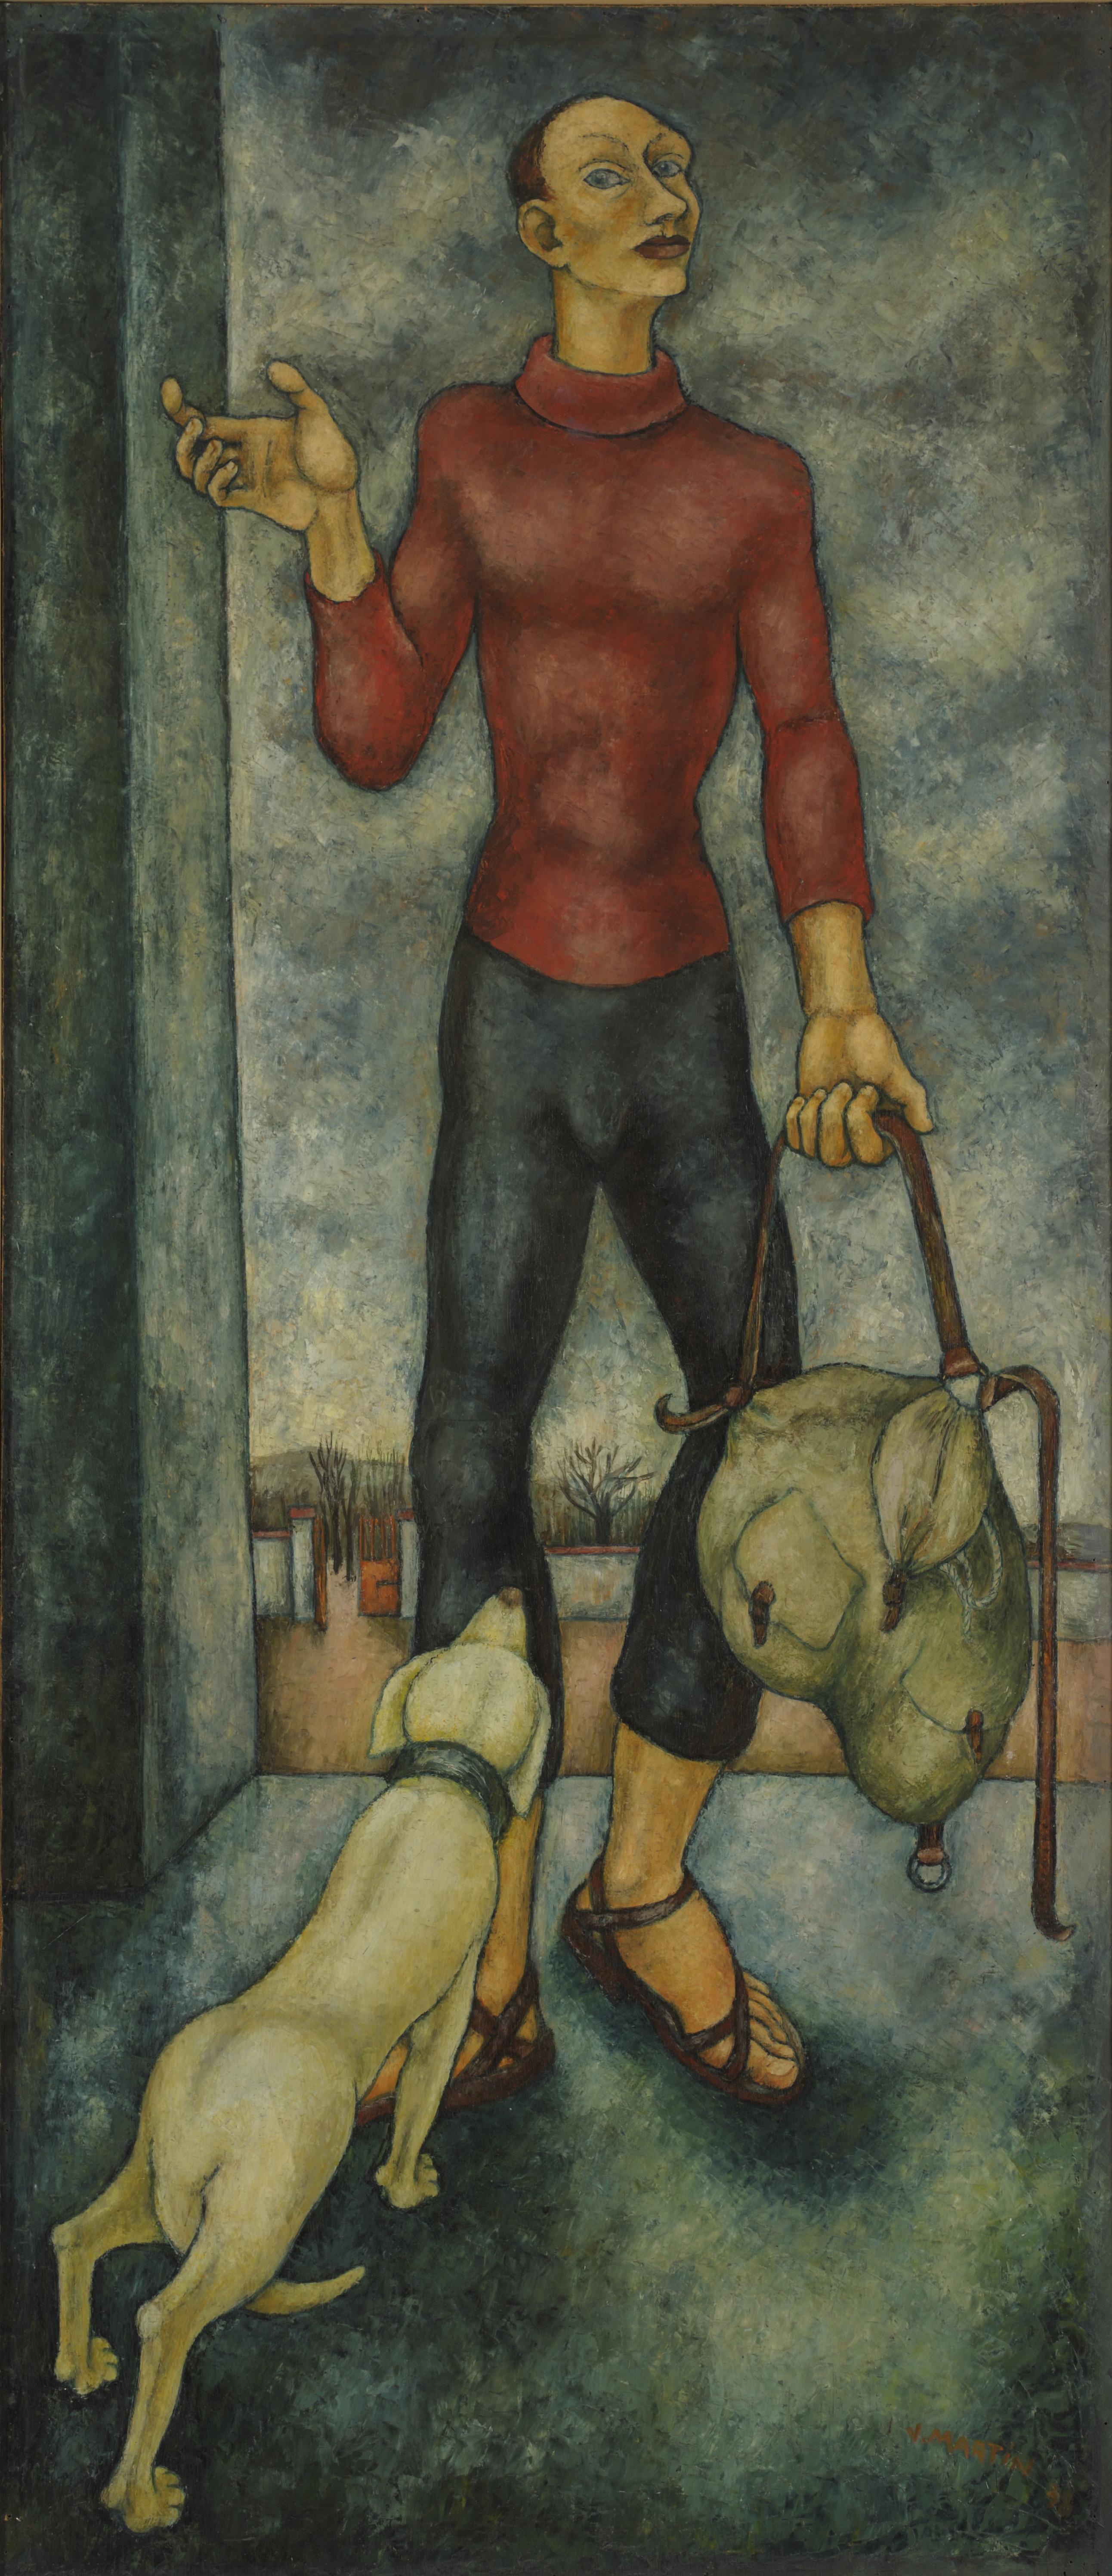 Jean Martin : L'Exilé, 1938, huile sur panneau, 170 × 75 cm, don de Françoise Martin en 2011, Roubaix, La Piscine © Musée d'art et d'industrie André Diligent.